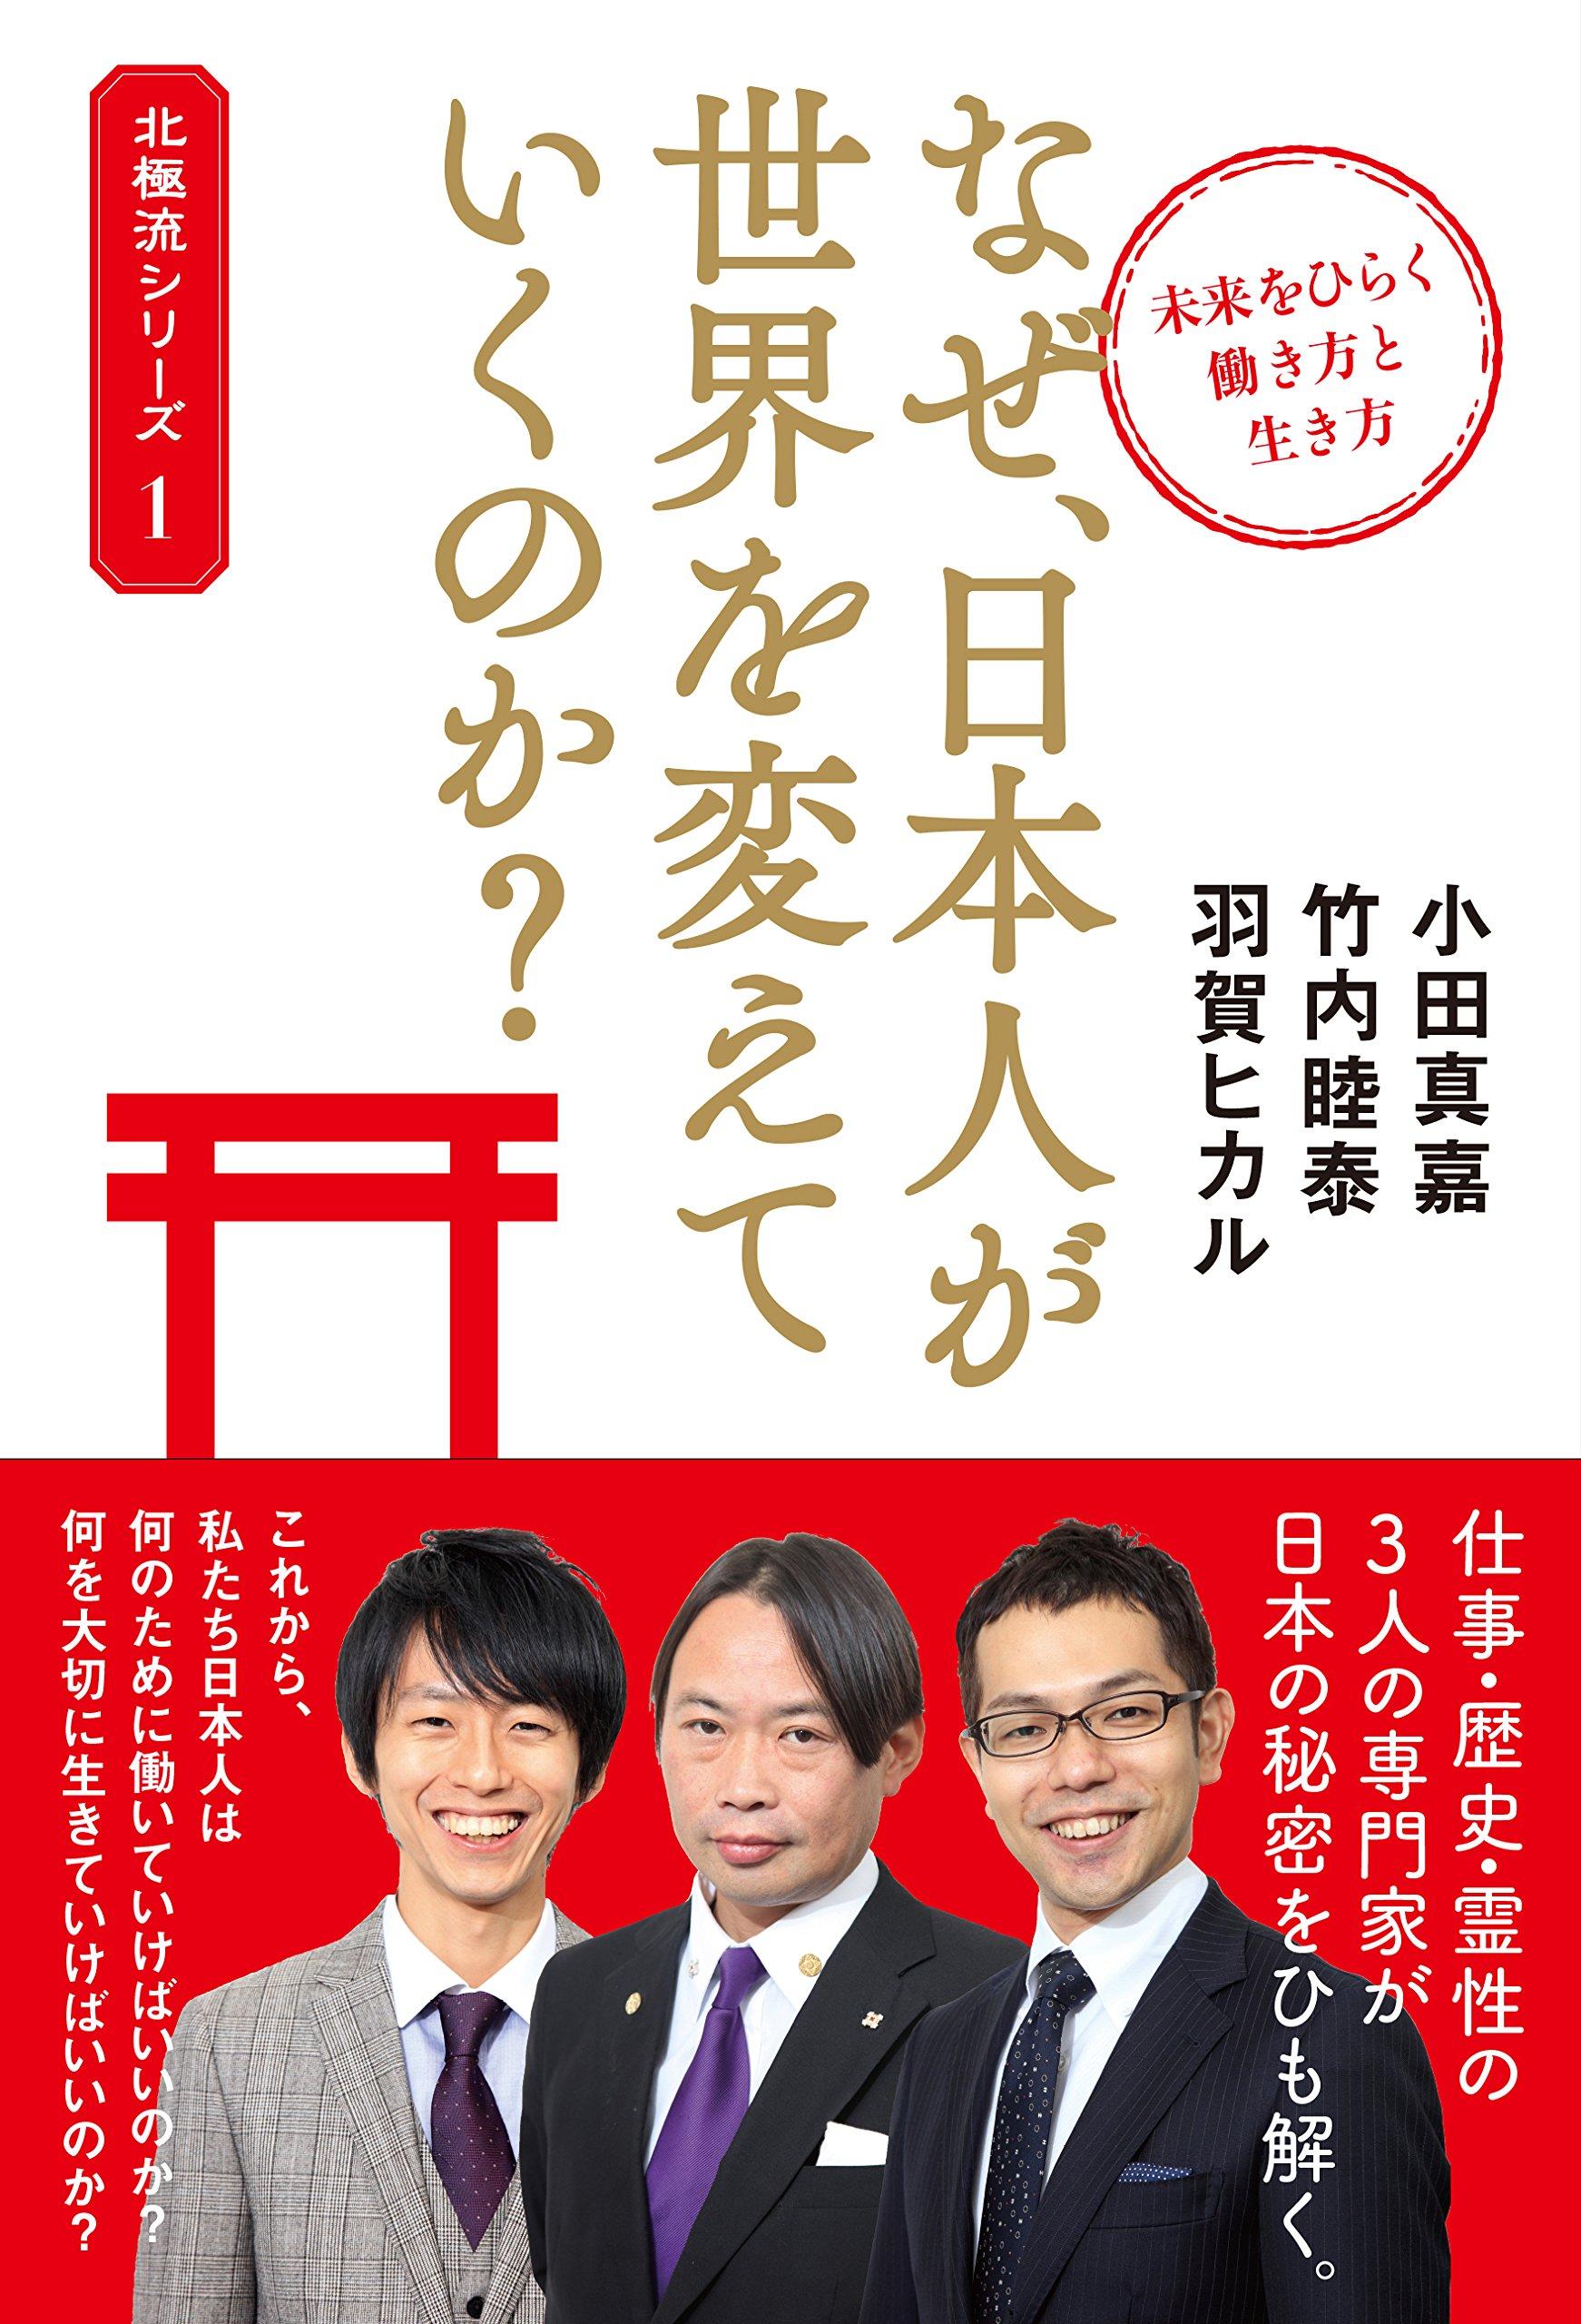 なぜ日本人が世界を変えていくのか?